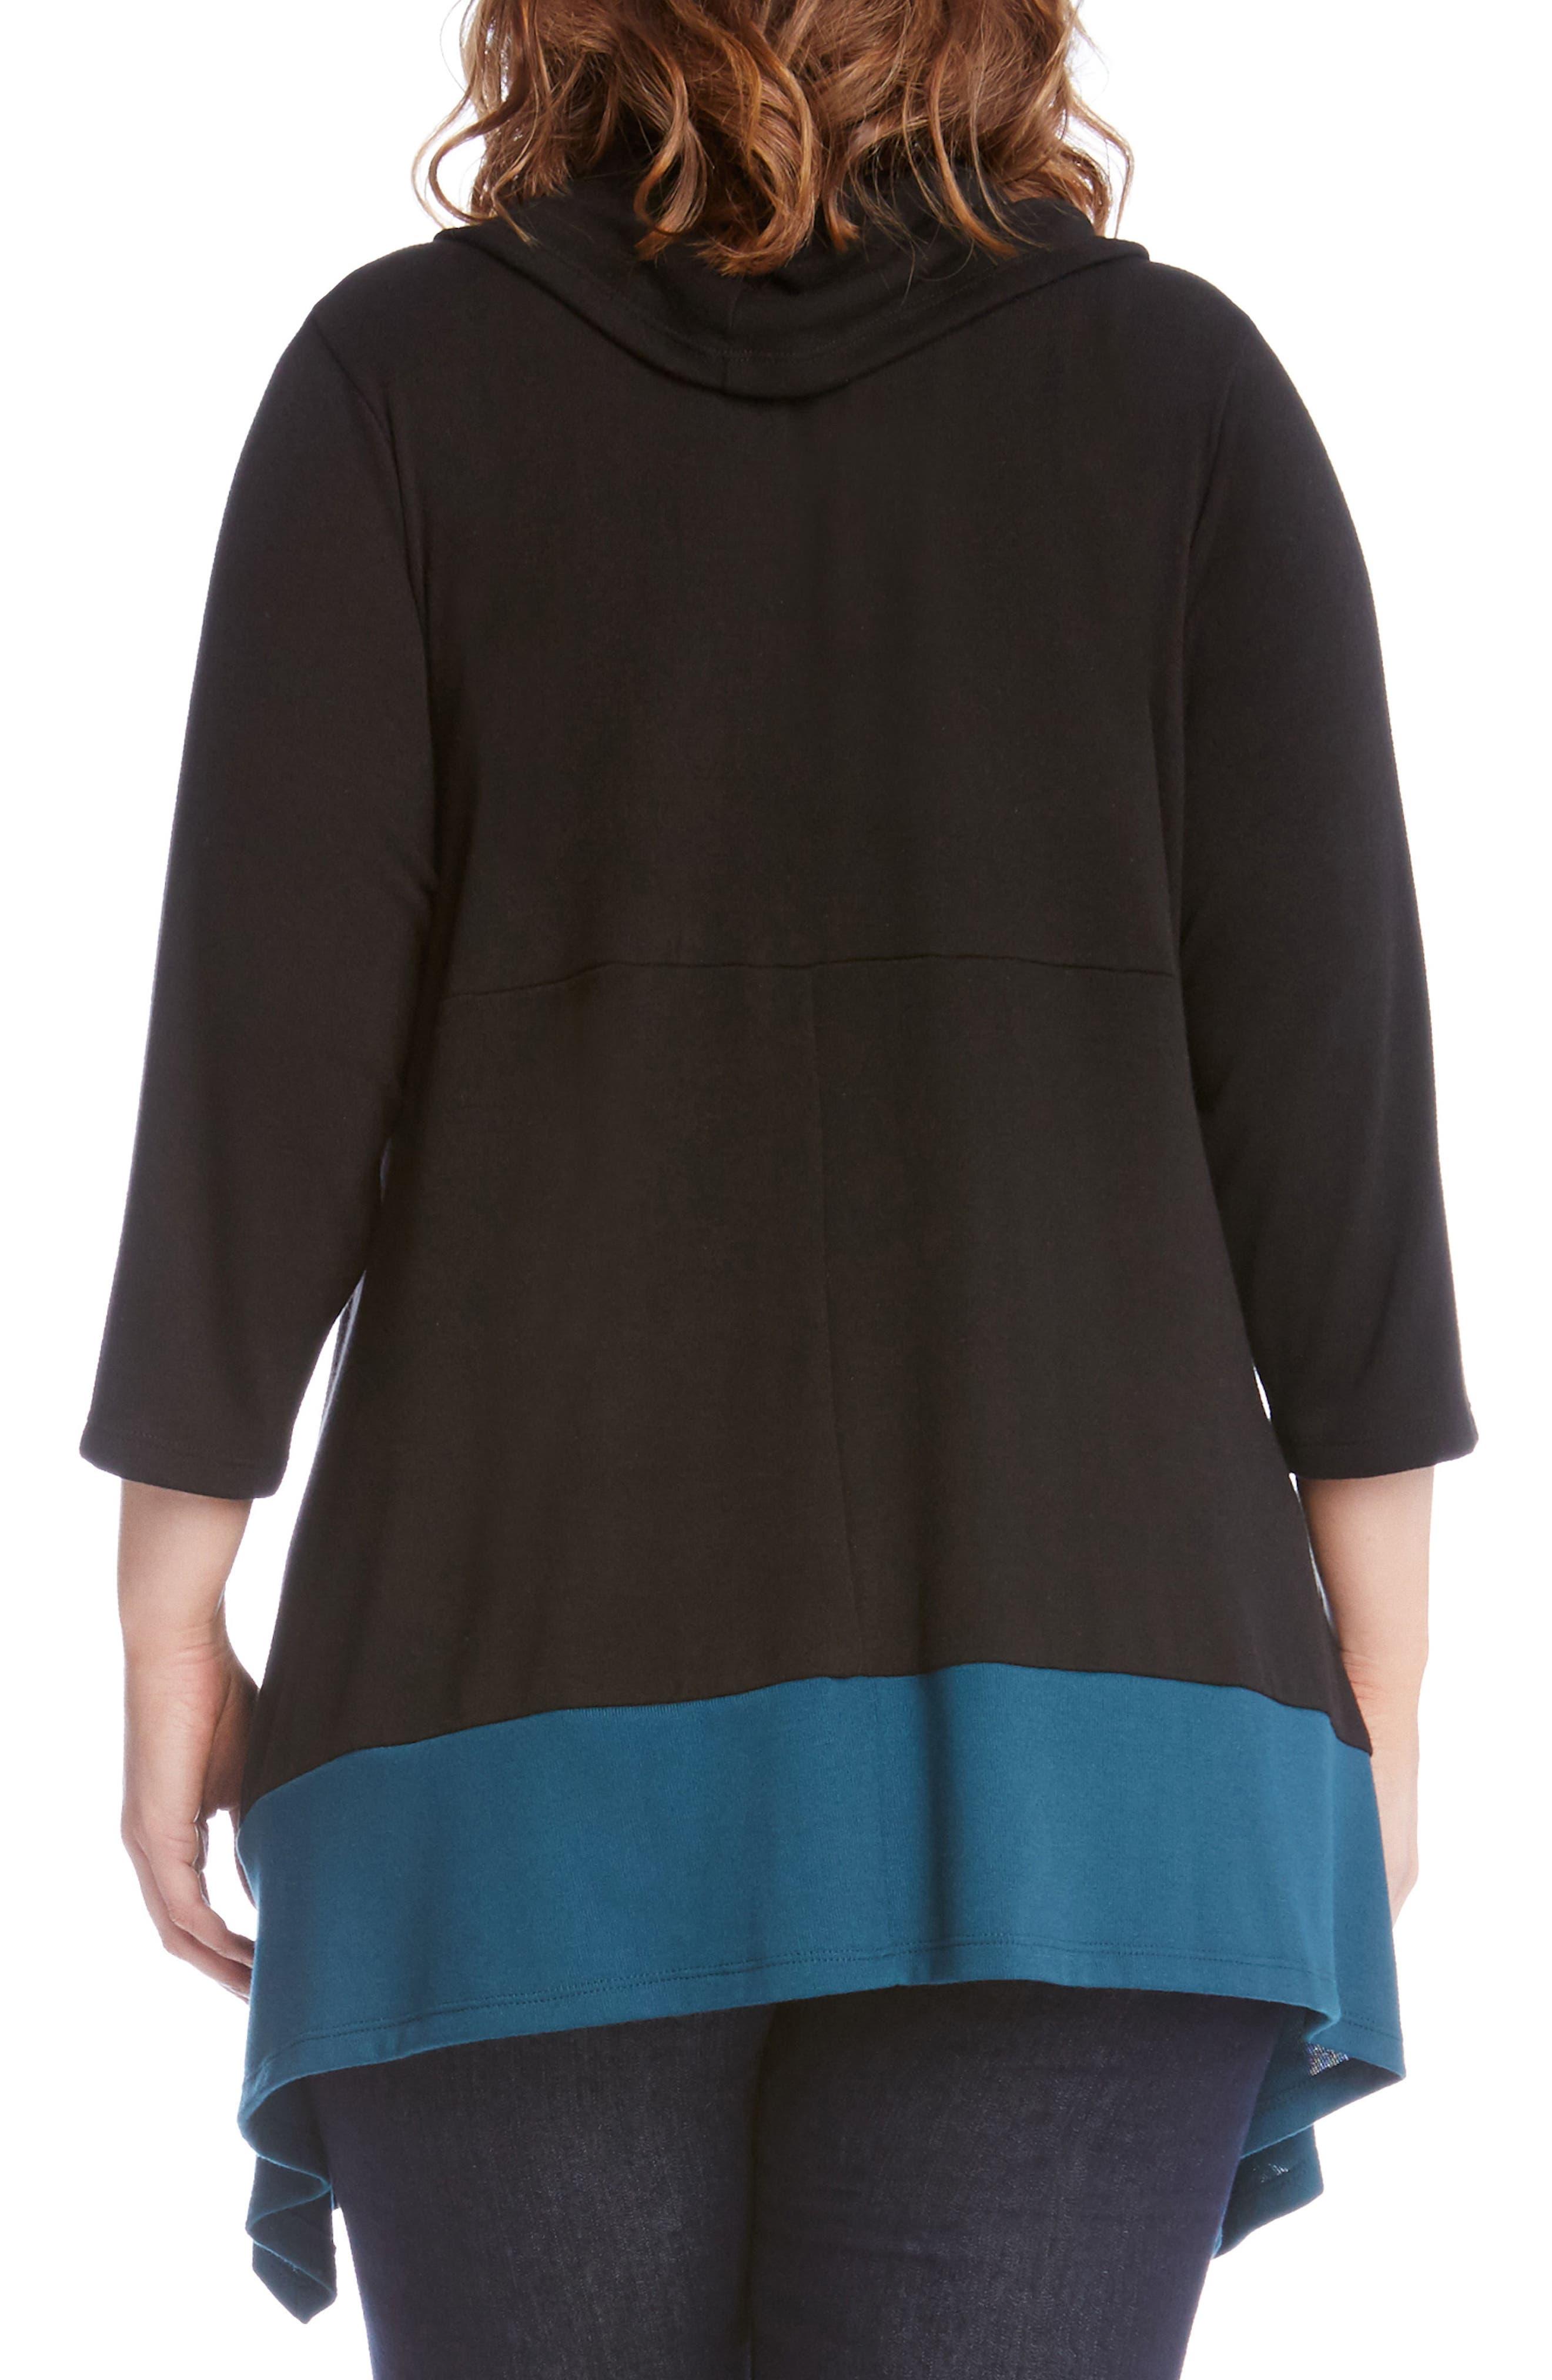 Alternate Image 2  - Karen Kane Colorblock Hem Sweater (Plus Size)